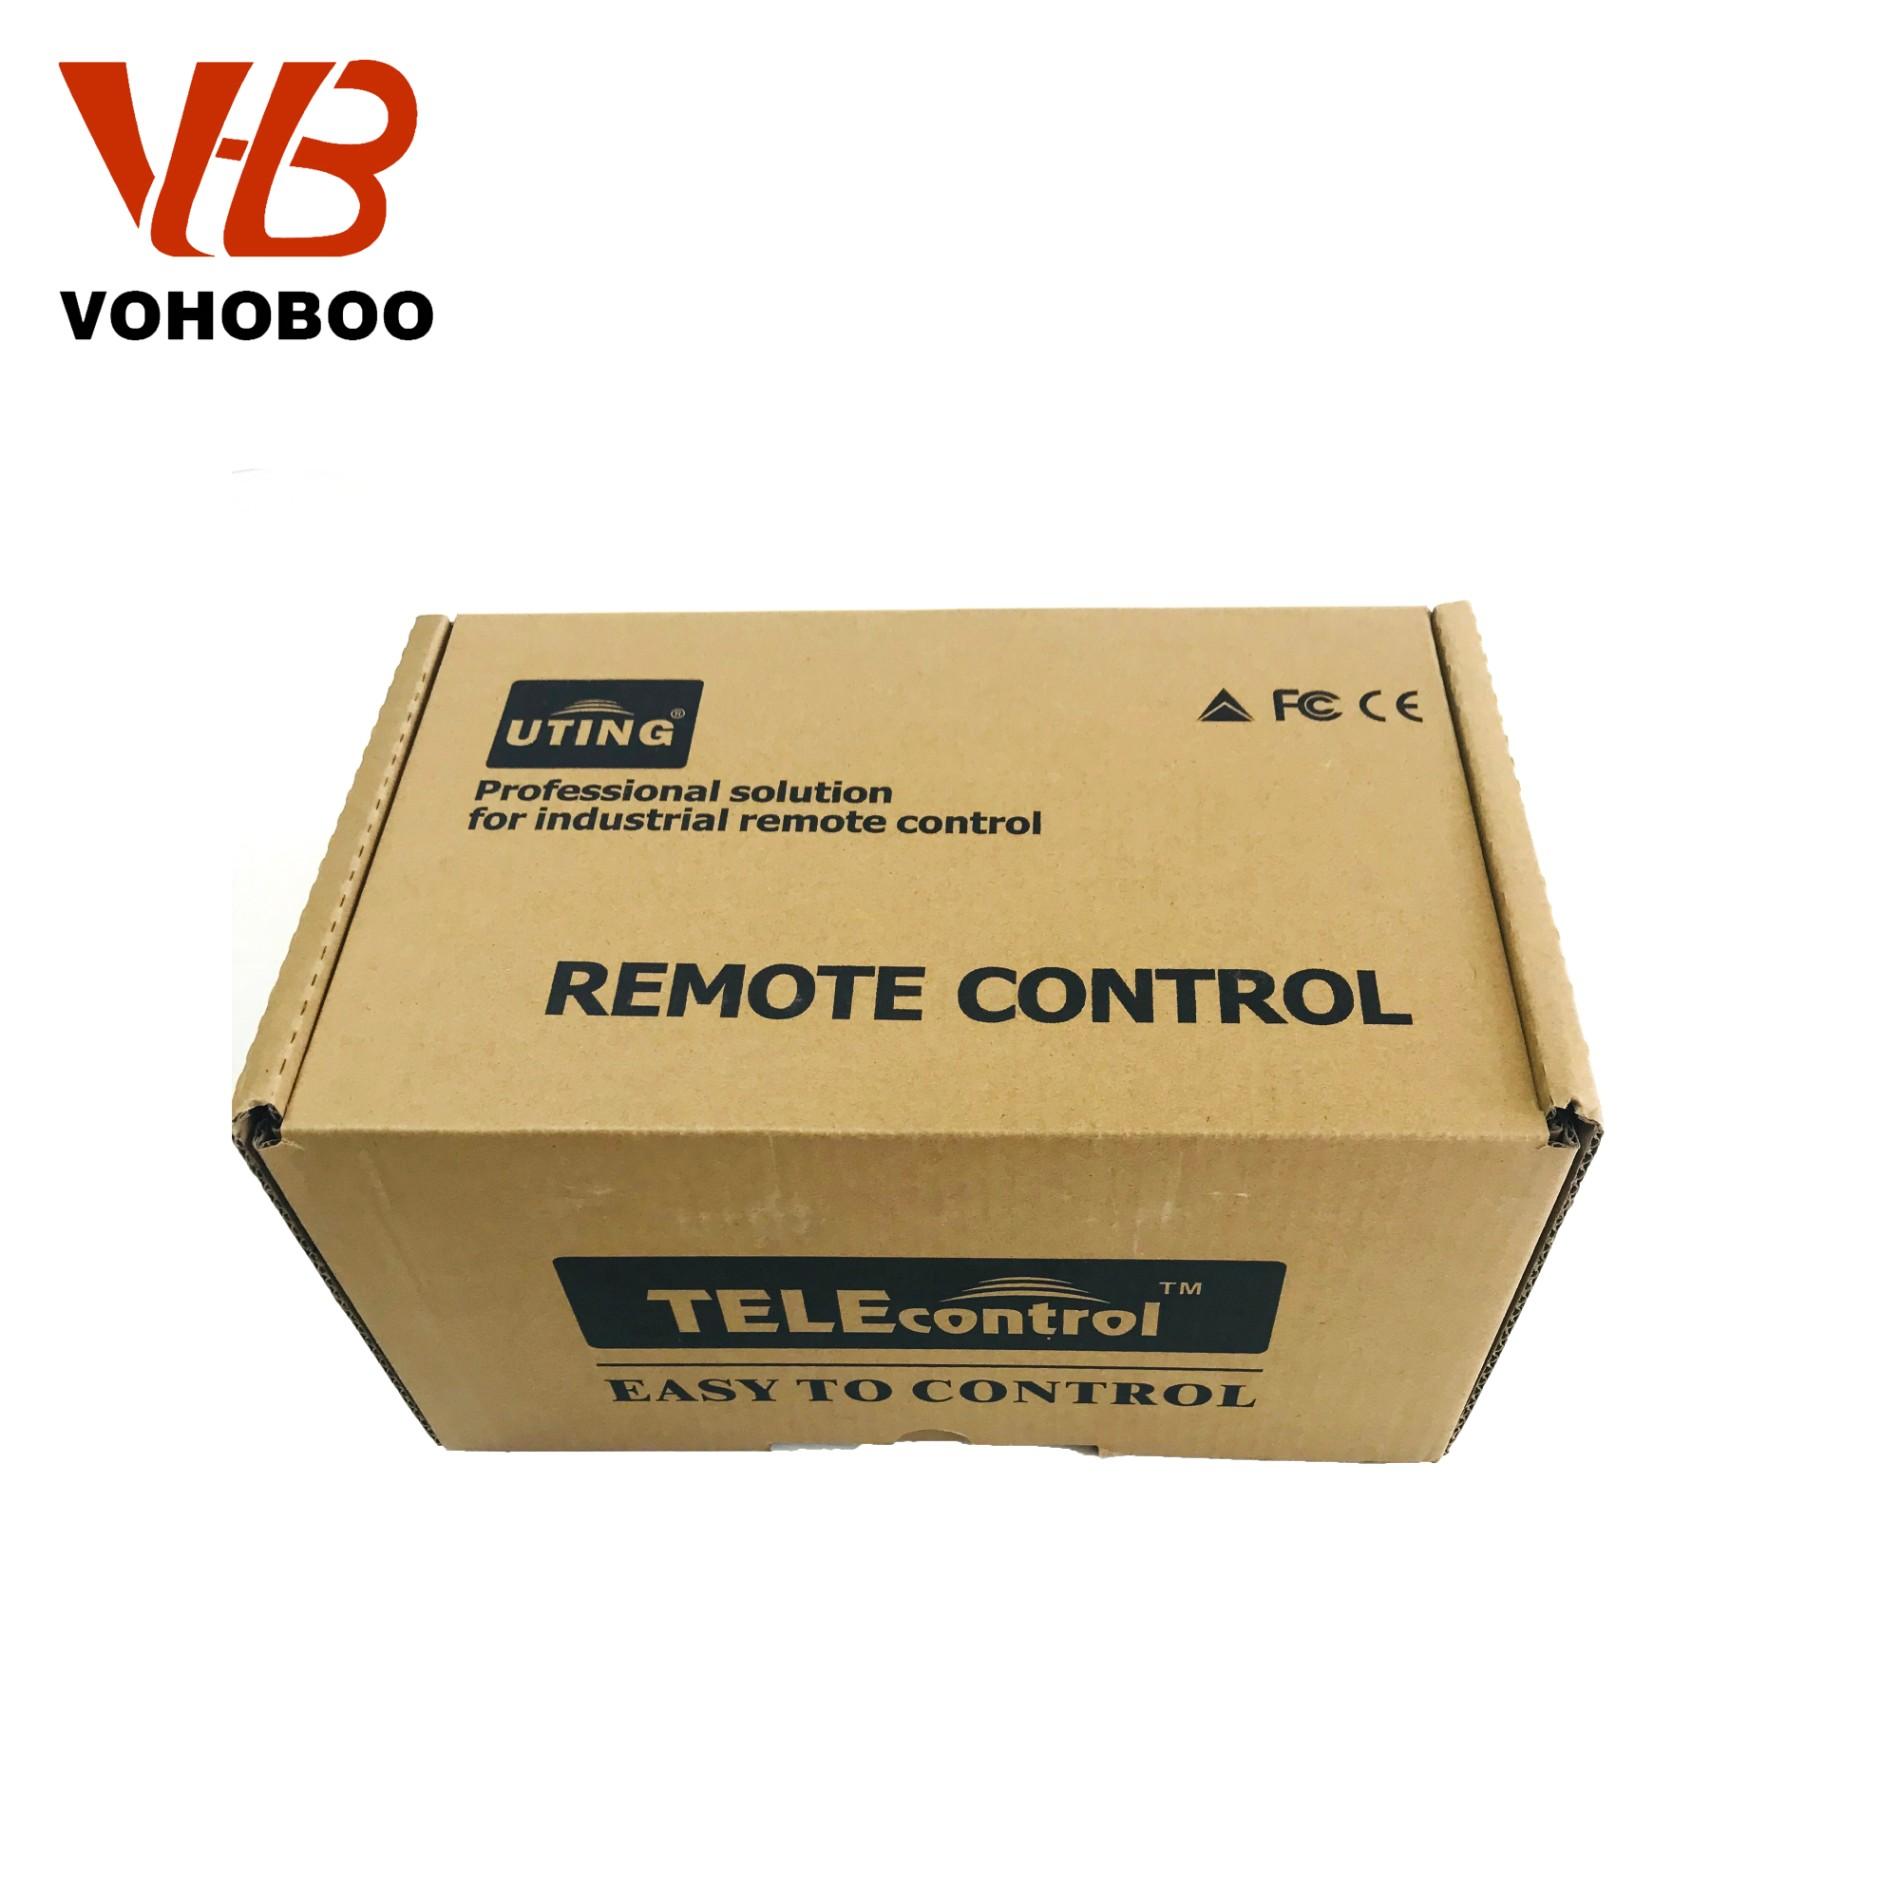 Mua Bộ điều khiển từ xa công nghiệp F21-4S / 4D,Bộ điều khiển từ xa công nghiệp F21-4S / 4D Giá ,Bộ điều khiển từ xa công nghiệp F21-4S / 4D Brands,Bộ điều khiển từ xa công nghiệp F21-4S / 4D Nhà sản xuất,Bộ điều khiển từ xa công nghiệp F21-4S / 4D Quotes,Bộ điều khiển từ xa công nghiệp F21-4S / 4D Công ty